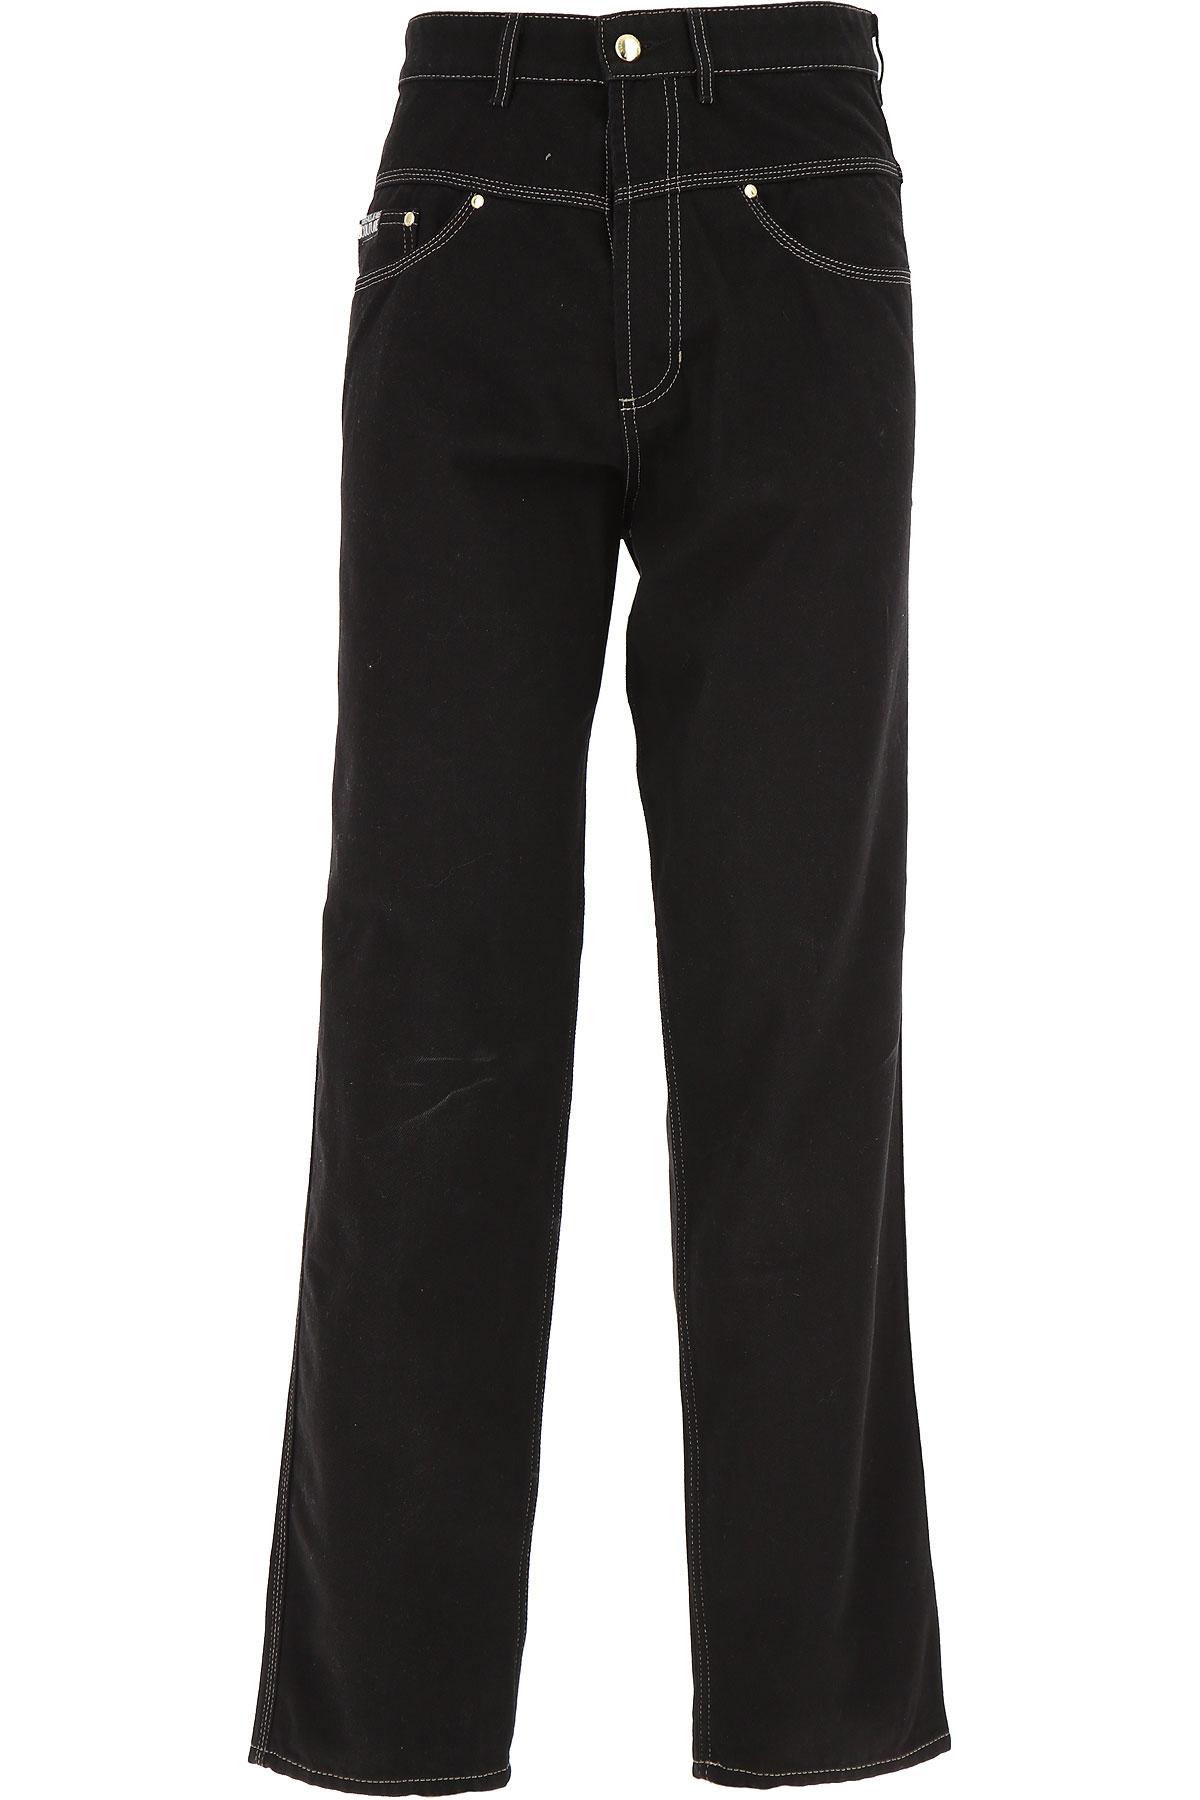 Versace Jeans Couture Jeans On Sale, Black, Cotton, 2019, 29 30 31 32 33 34